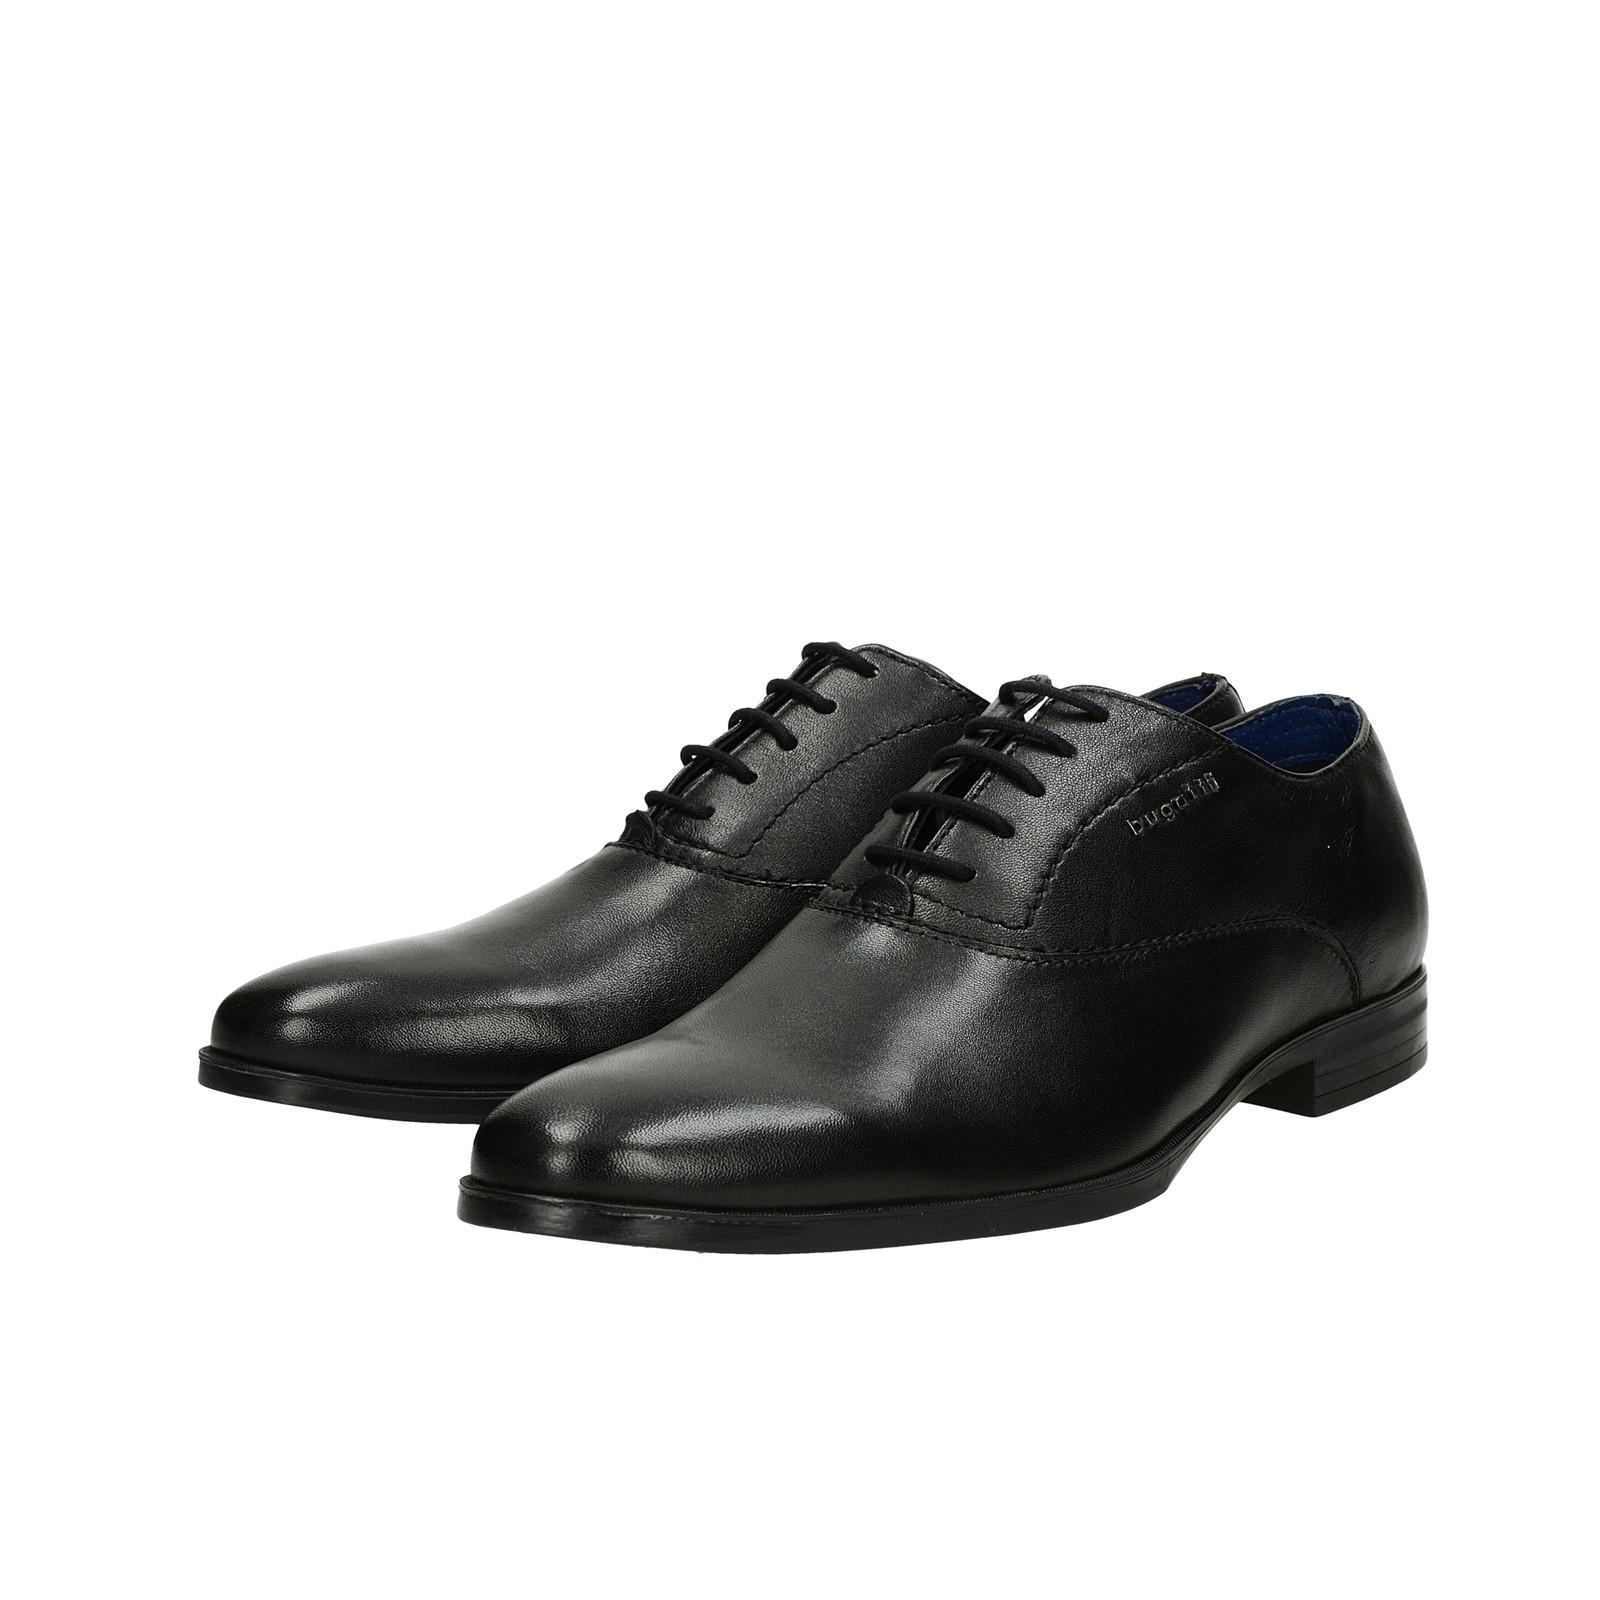 7fbd6a358889b Bugatti pánske kožené spoločenské topánky - čierne | 311-44603-3000 ...